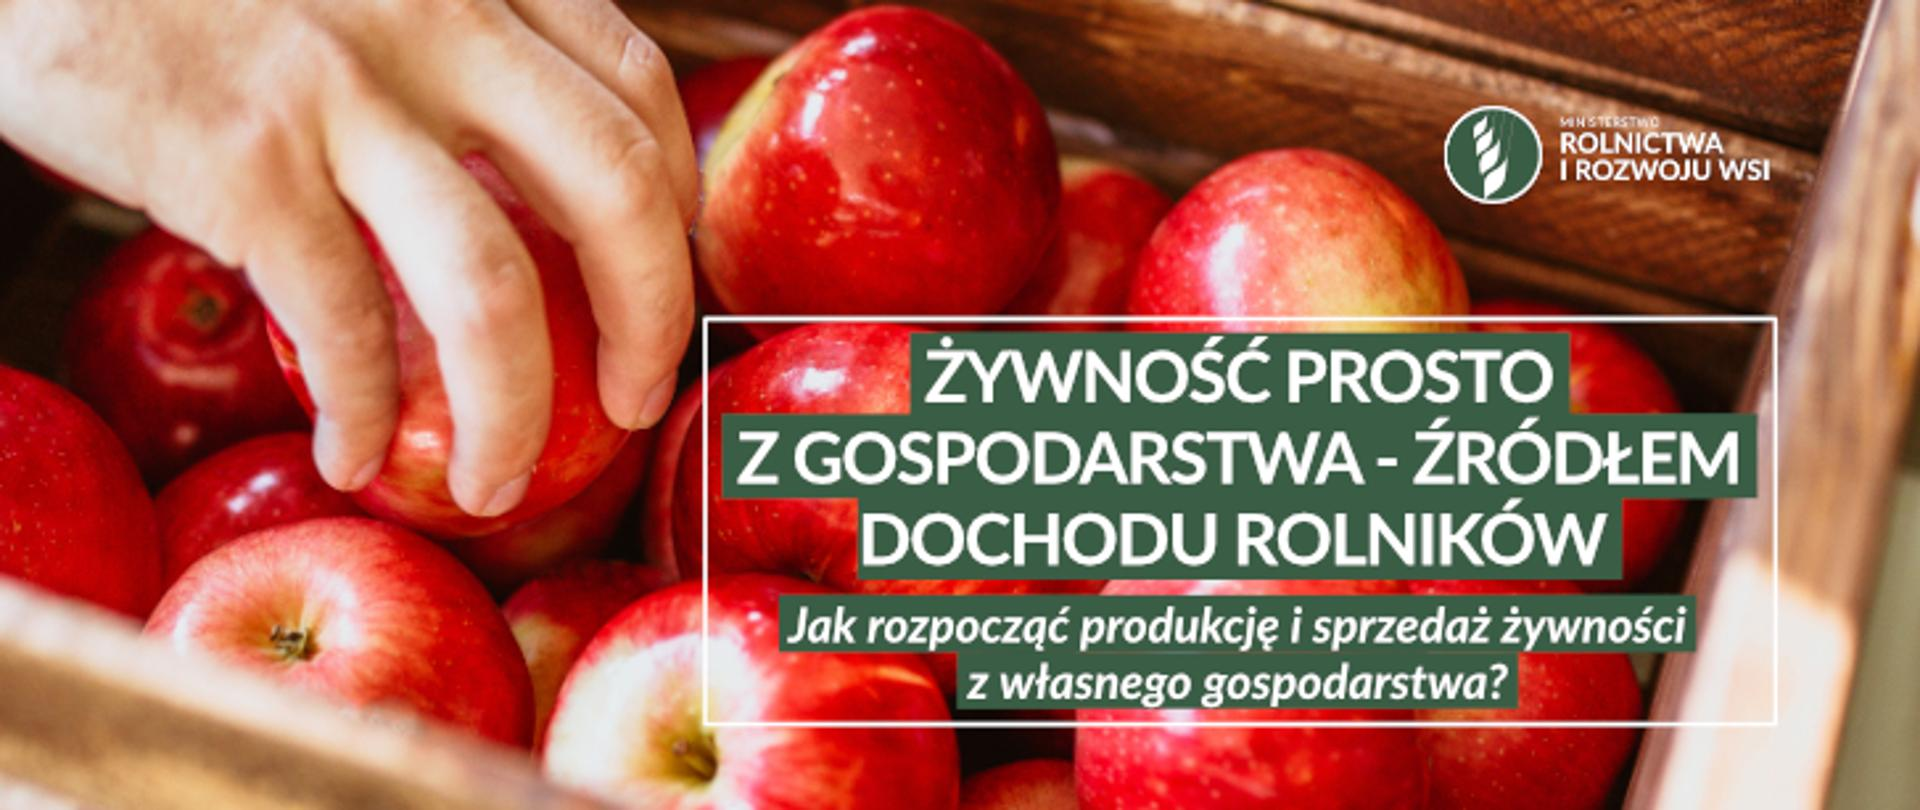 dłoń i jabłka w koszu